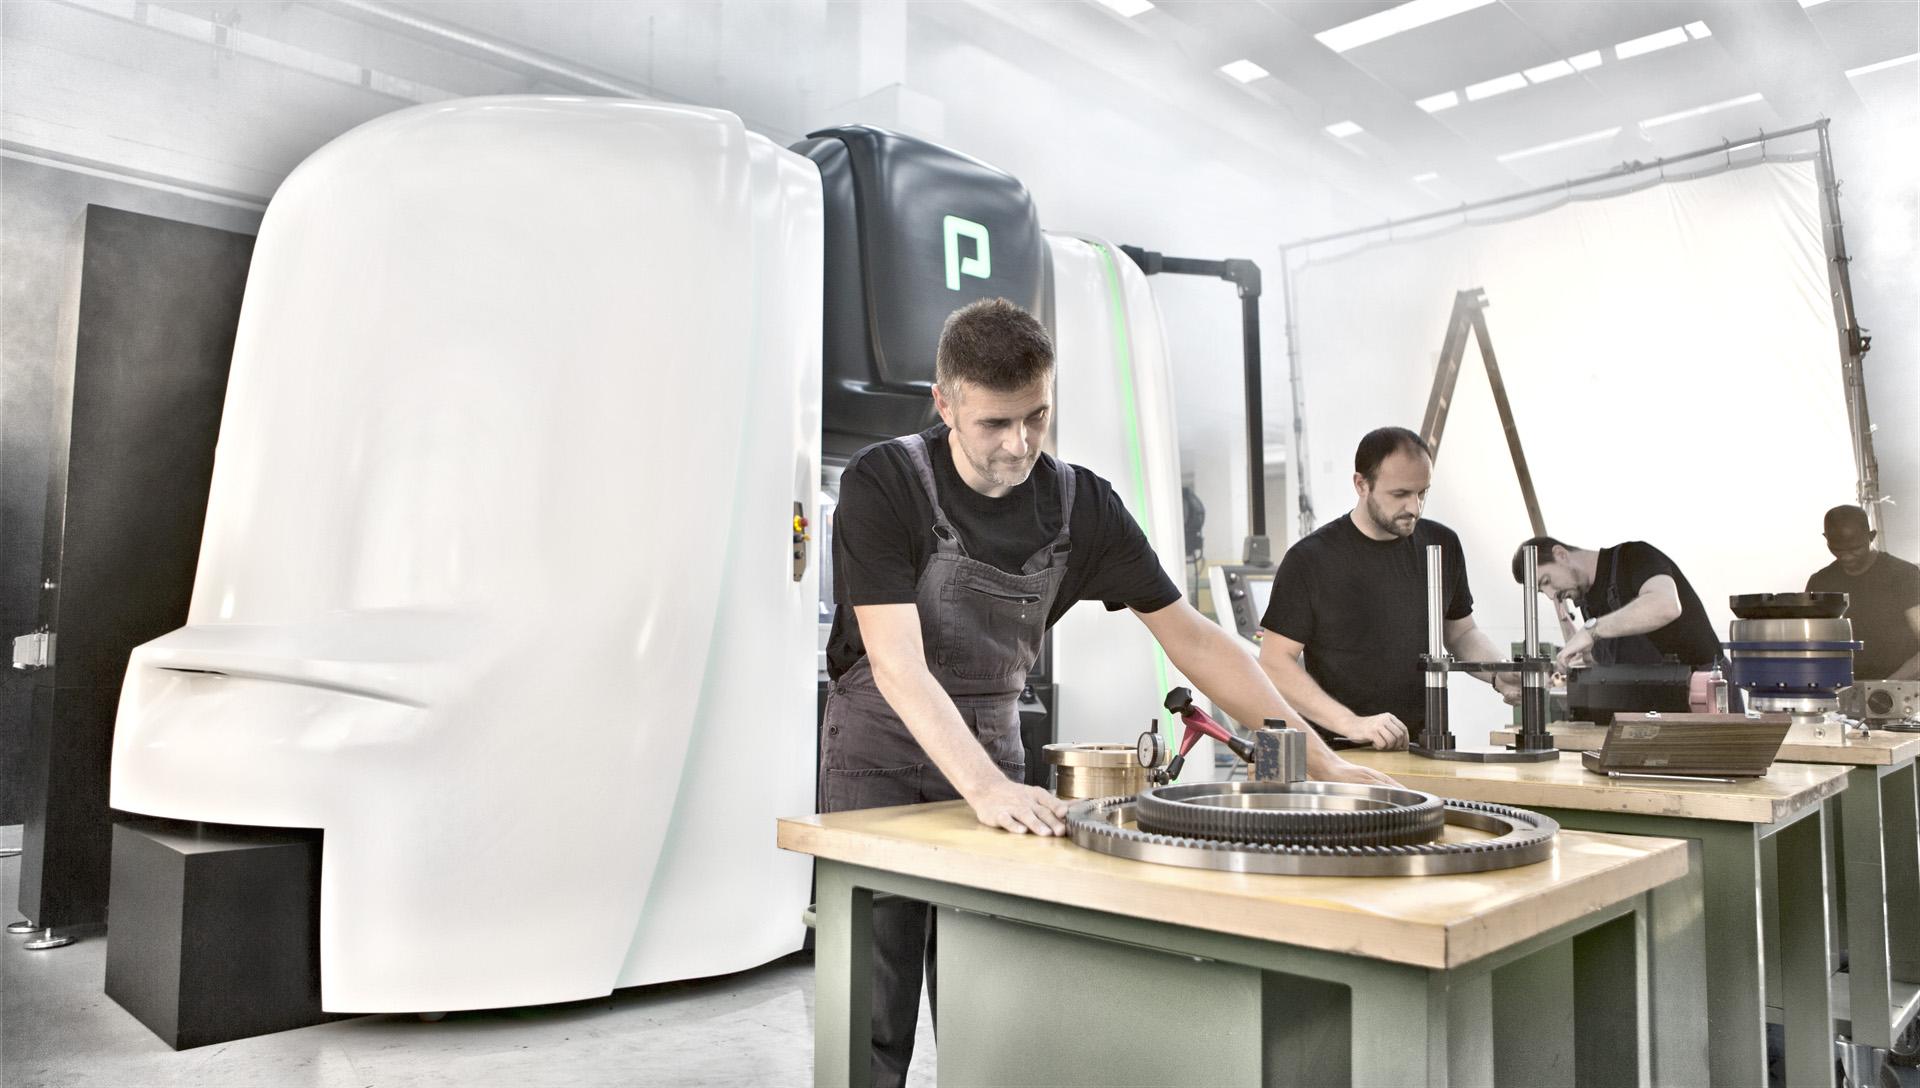 Väčšina strojárenských dielov je vyrábaná v halách Porta Solutions pre dosiahnutie najvyššej kvality a rýchleho termínu dodávky